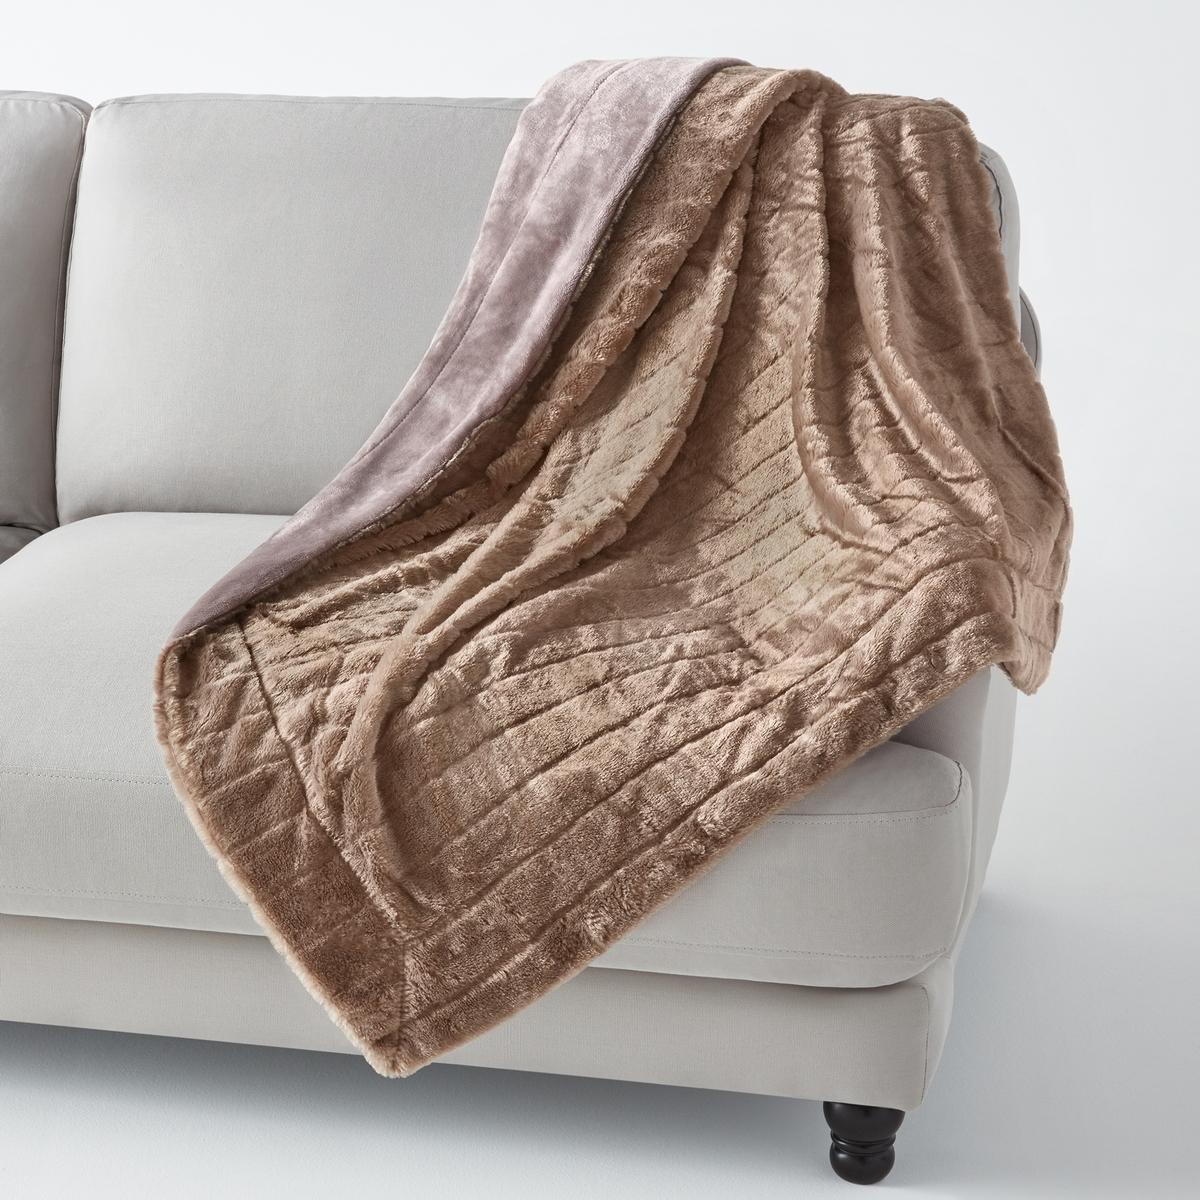 Плед из искусственного меха, VelfurНасладитесь мягкостью и теплом этого пледа из искусственного меха, который украсит диван в гостиной и согреет Вас зимним вечером. Плед из искусственного меха Velfur для комфорта и мягкости контакта .Состав пледа из искусственного меха Velfur  :100% полиэстера . Изнаночная сторона из велюра, 100% полиэстера.Размеры пледа из искусственного меха : 130 х 170 см.<br><br>Цвет: серо-коричневый<br>Размер: 130 x 170 см